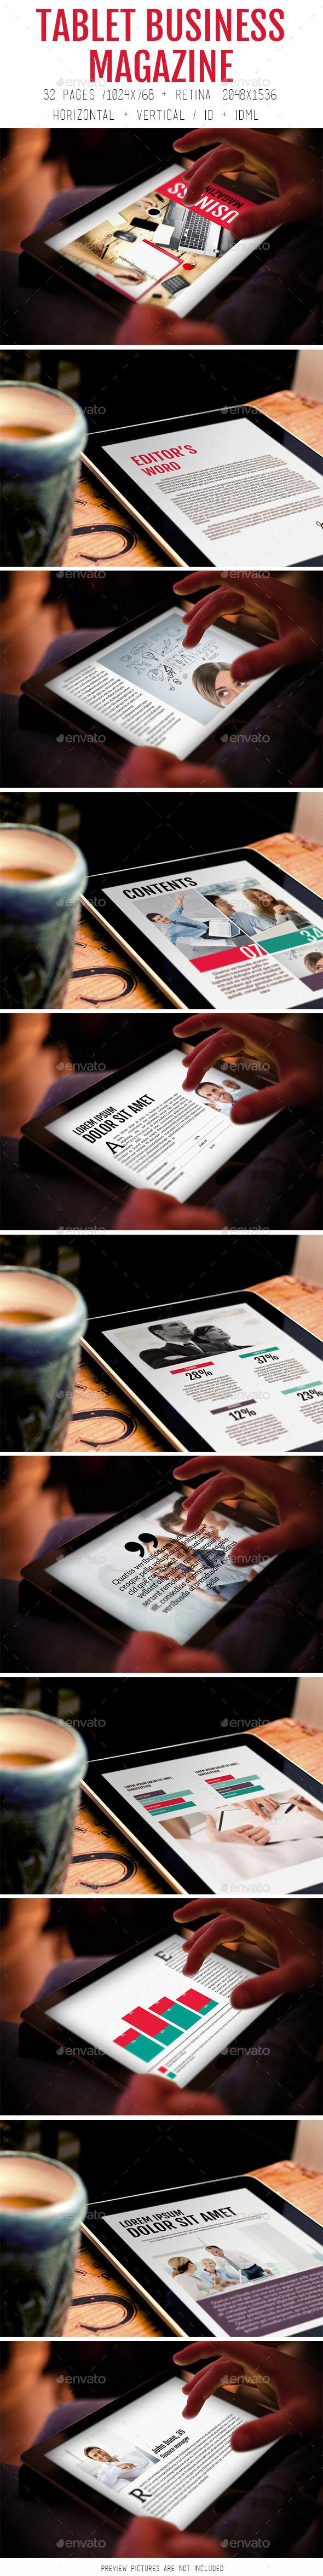 iPad &Tablet Business Magazine - Digital Magazines ePublishing